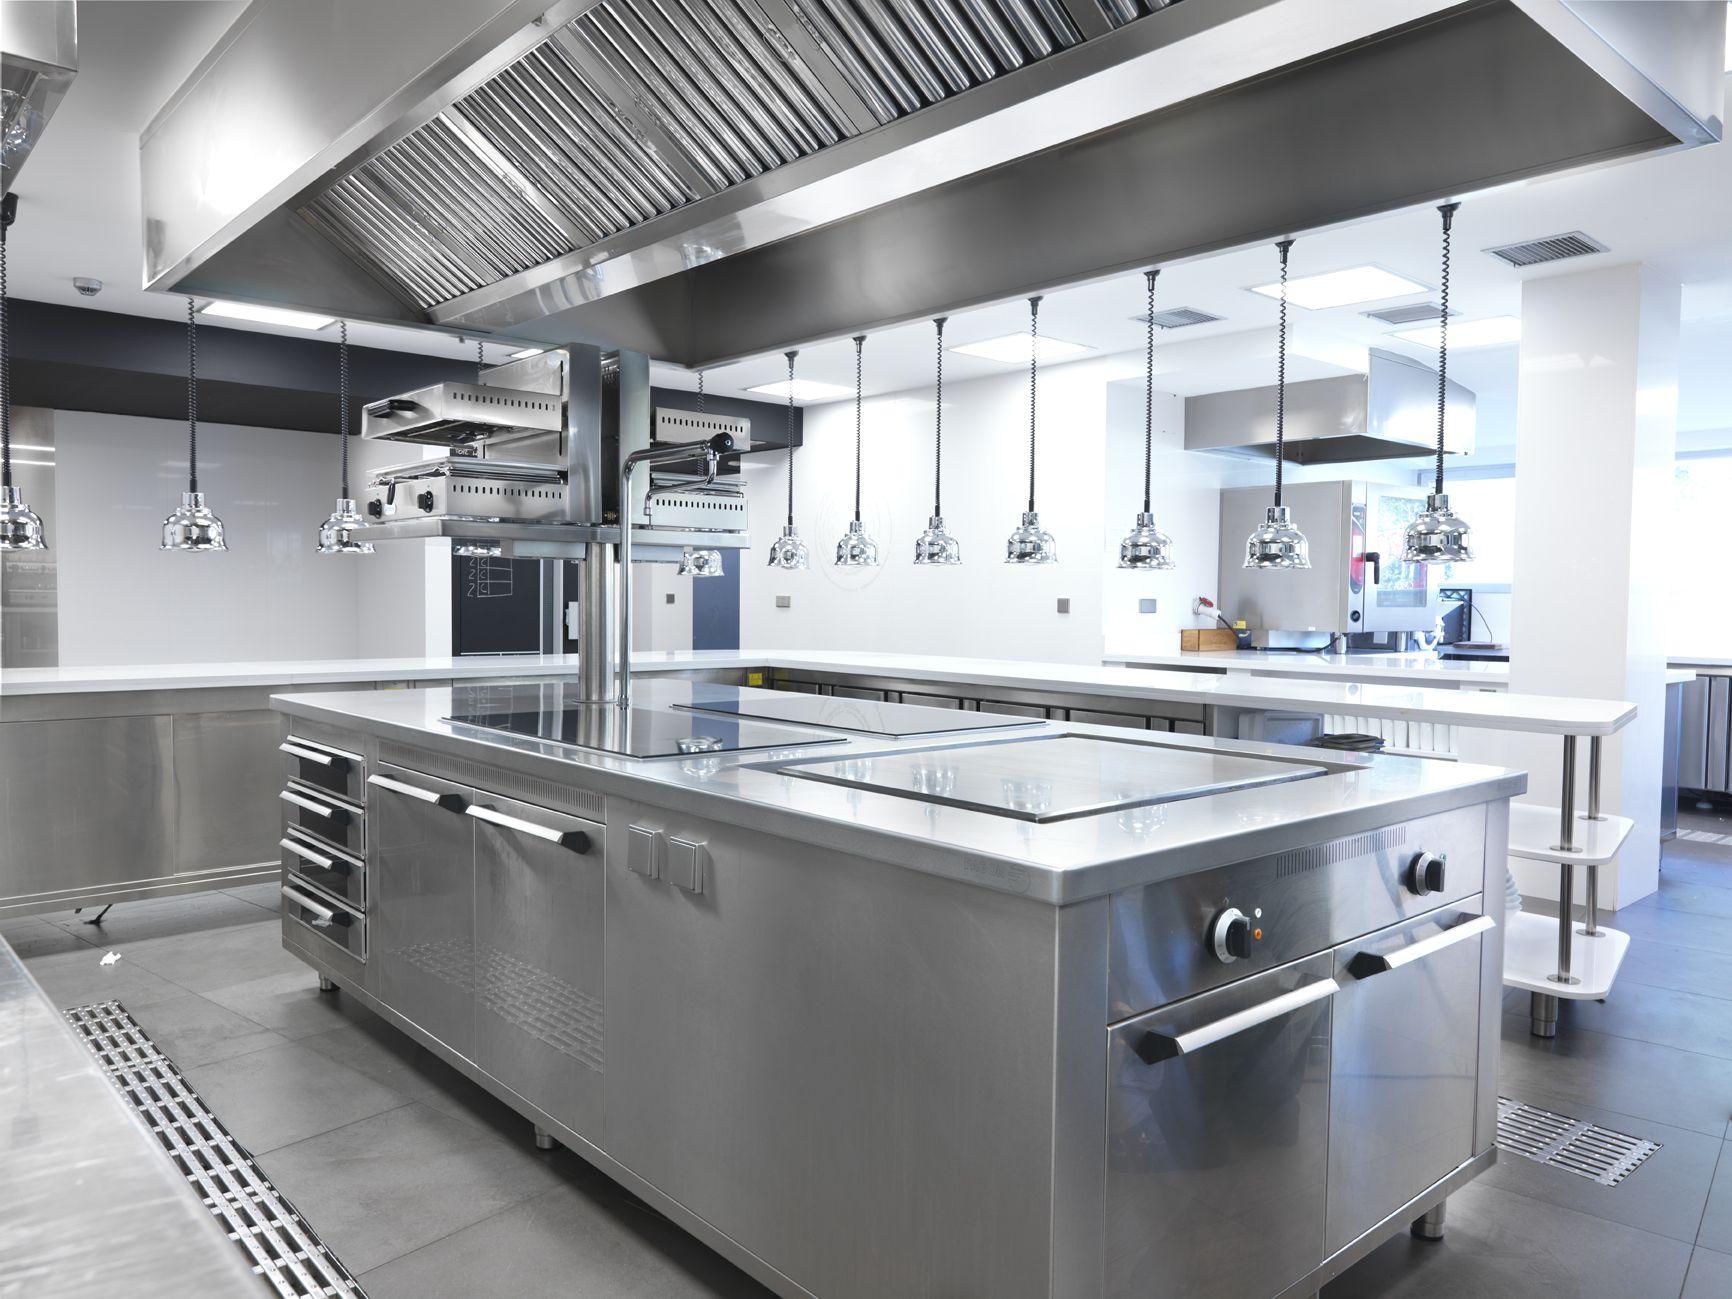 commercial kitchen design plans 2 commercial kitchen design